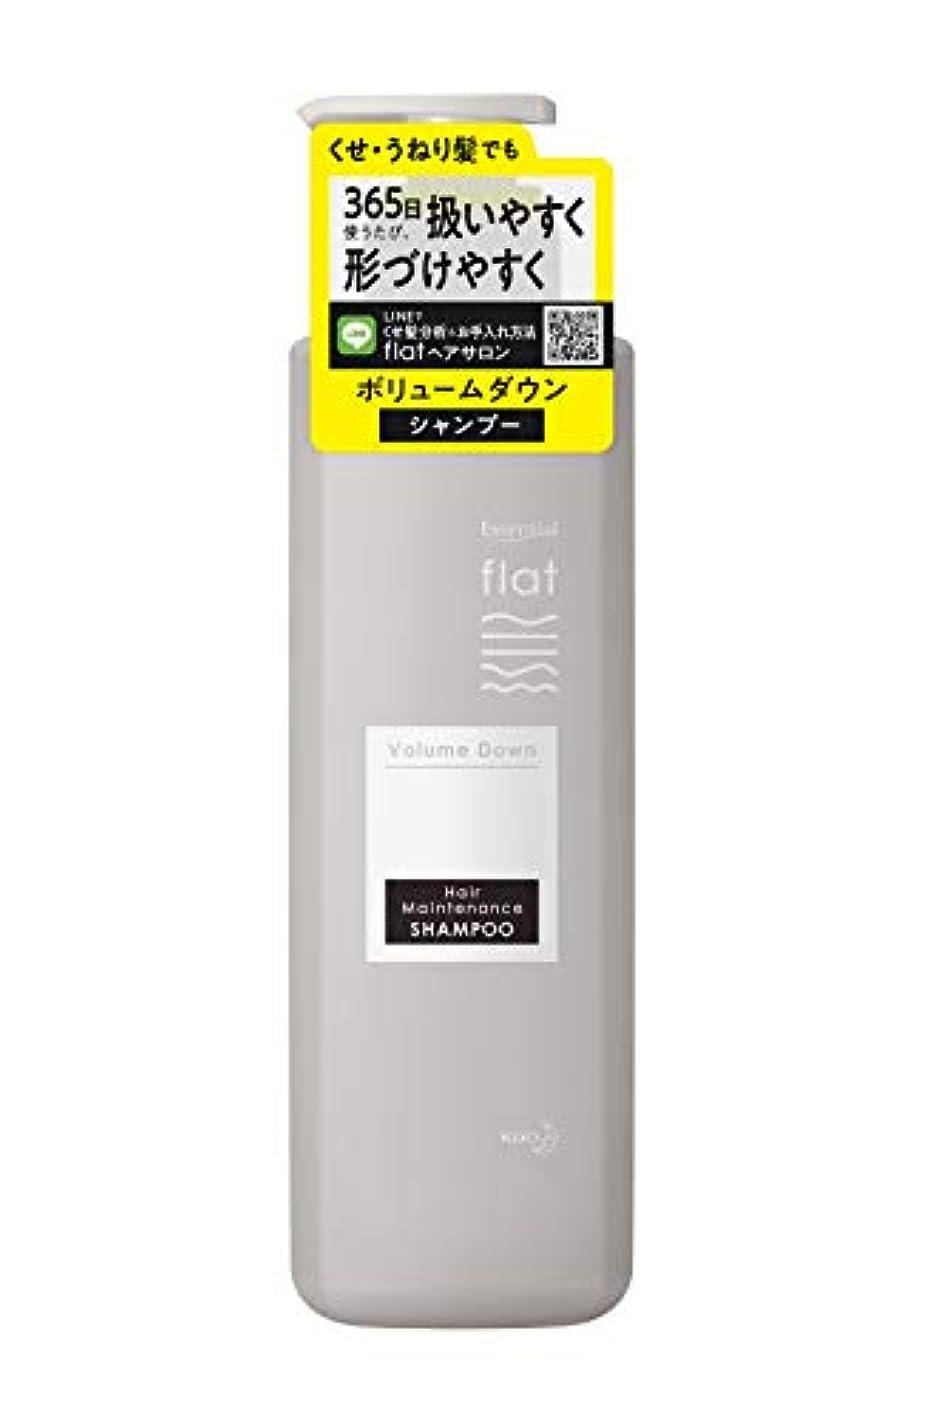 確かな浮く定数flat(フラット) エッセンシャル フラット ボリュームダウン シャンプー くせ毛 うねり髪 毛先 広がりにくい ストレートヘア ゴワつき除去成分配合(洗浄成分) ボトル 500ml